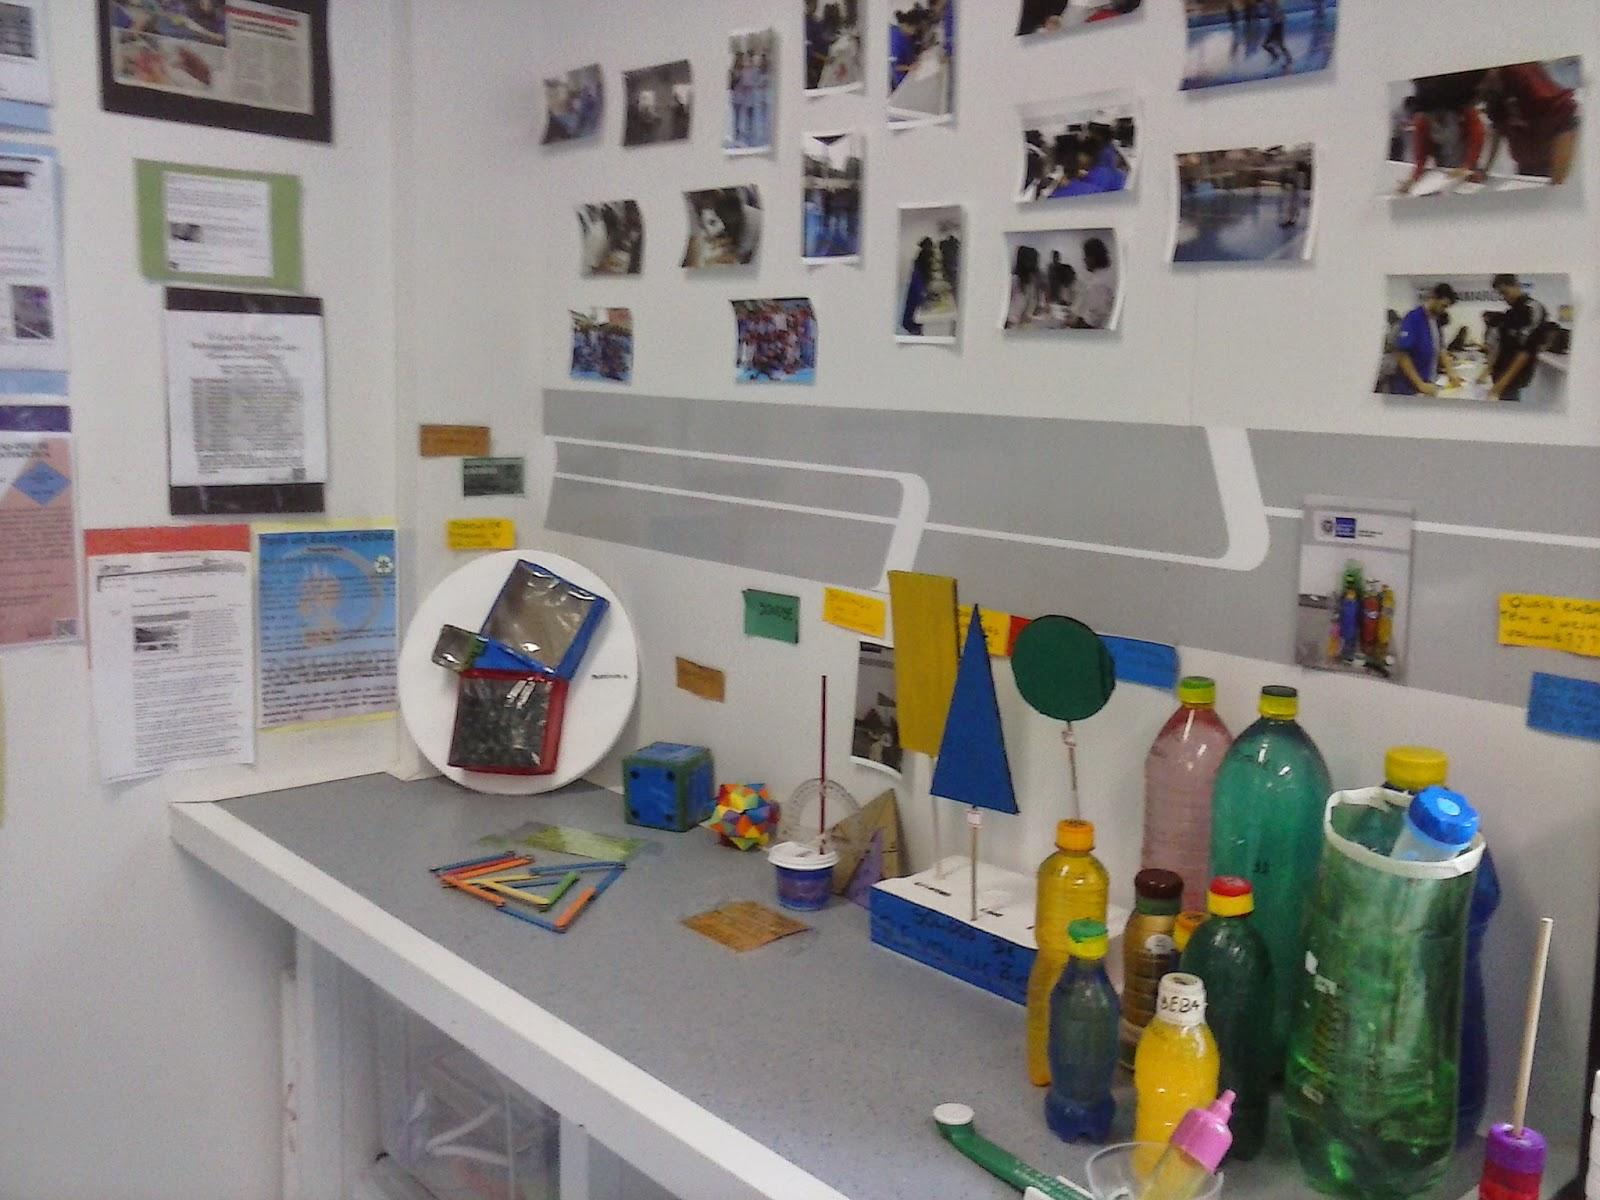 Estação 5: Nossa história e interação mediada com material concreto específico ecológico diversificado.